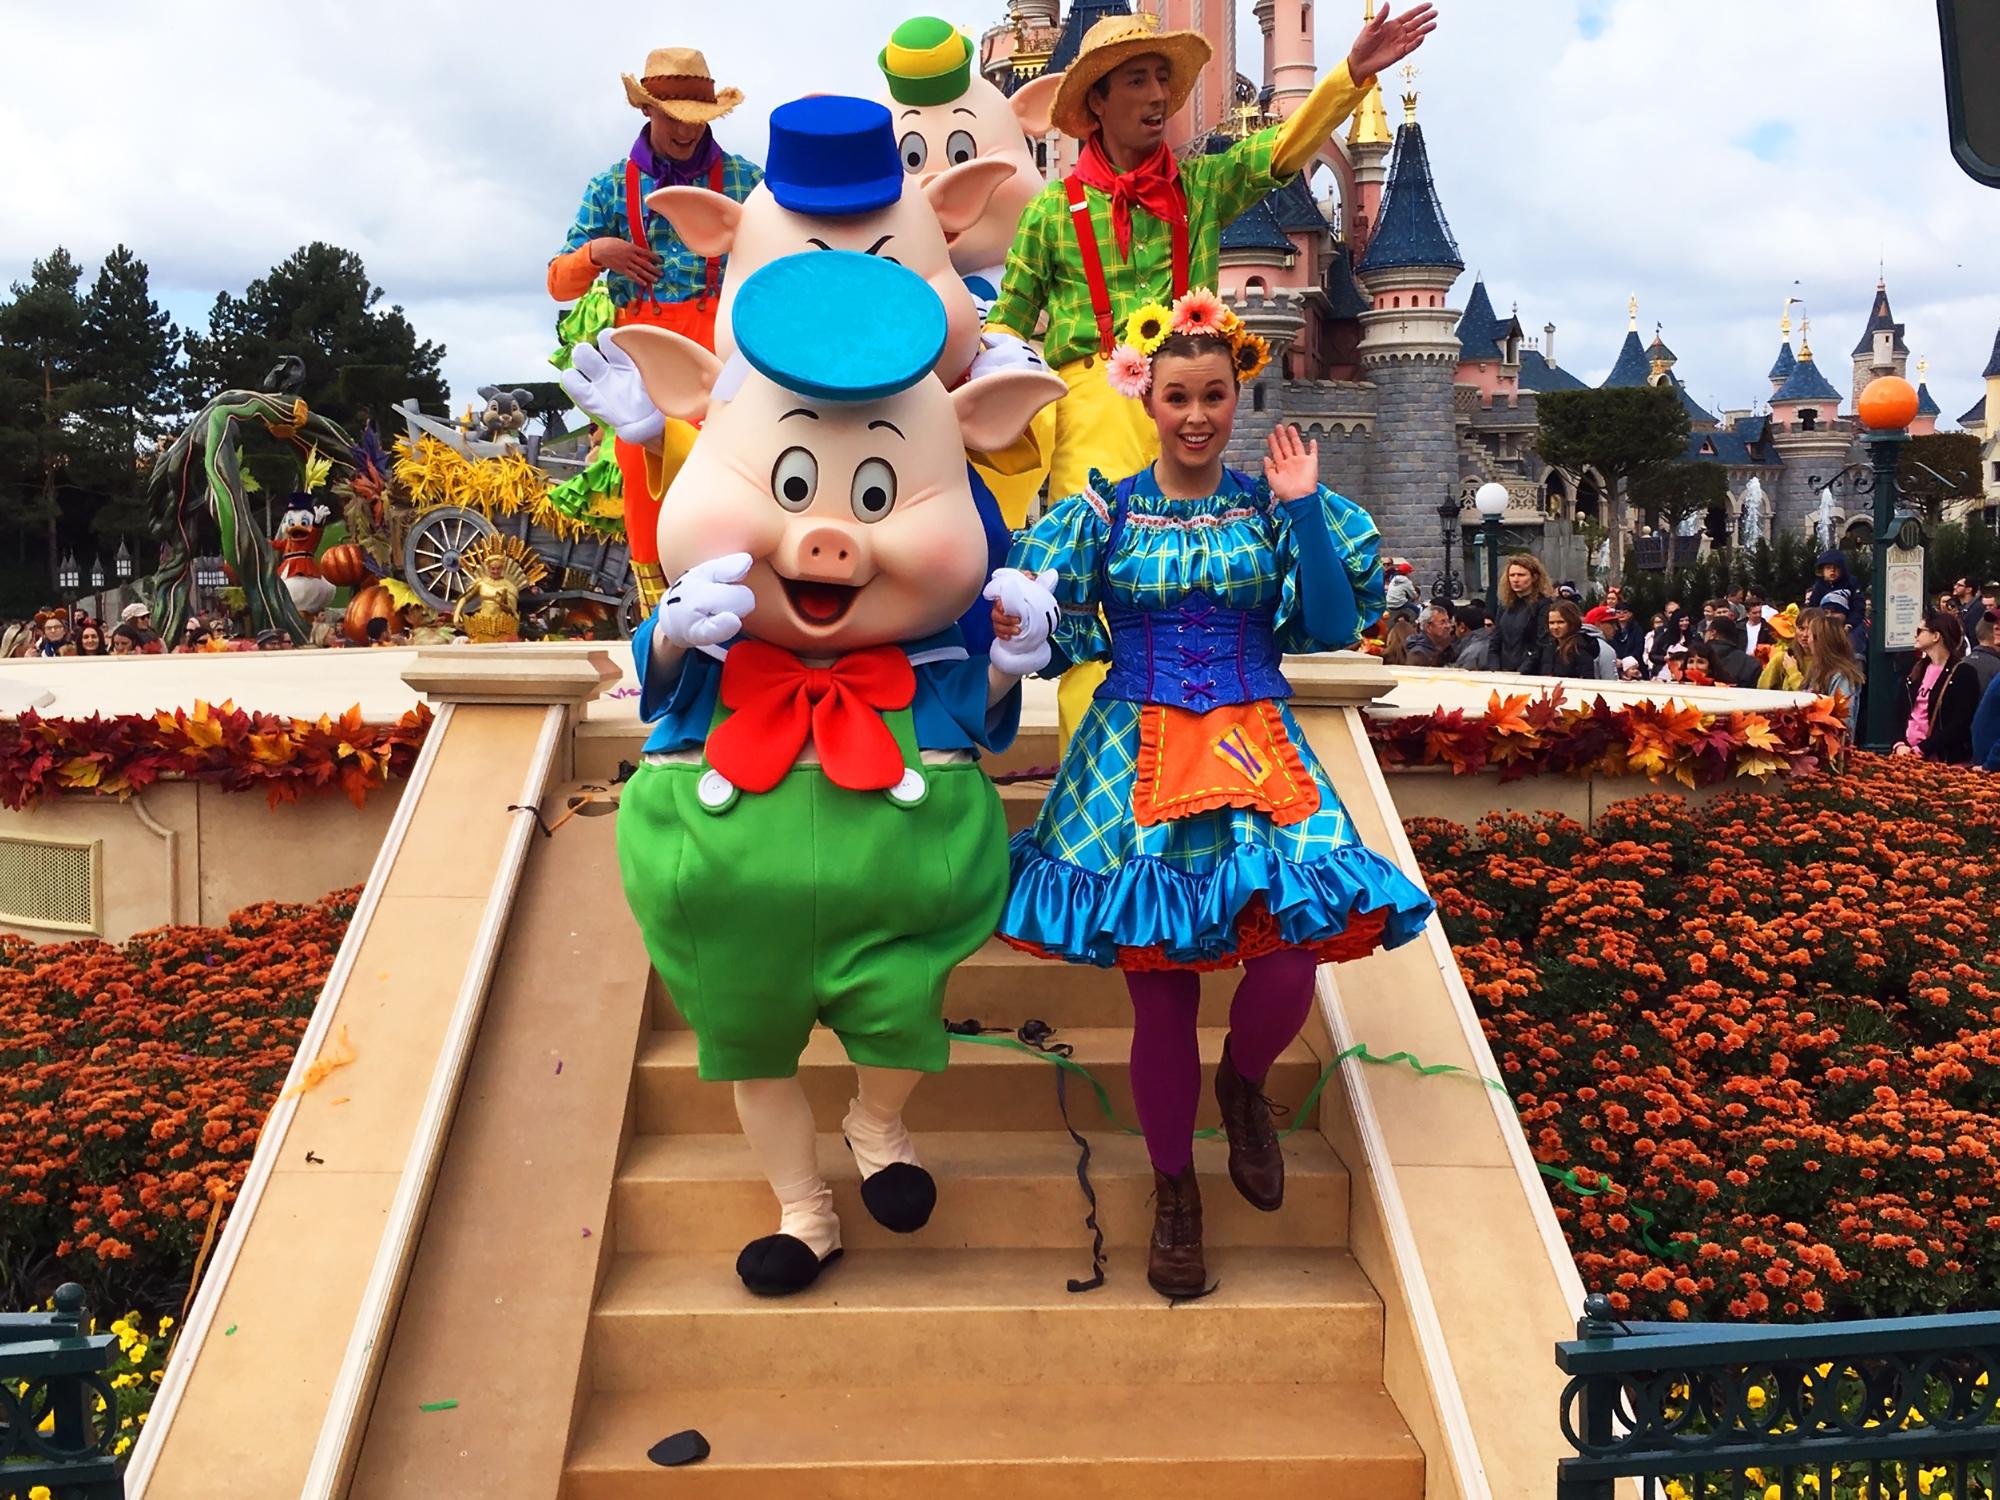 Halloween-2018-in-Disneyland-Paris Review